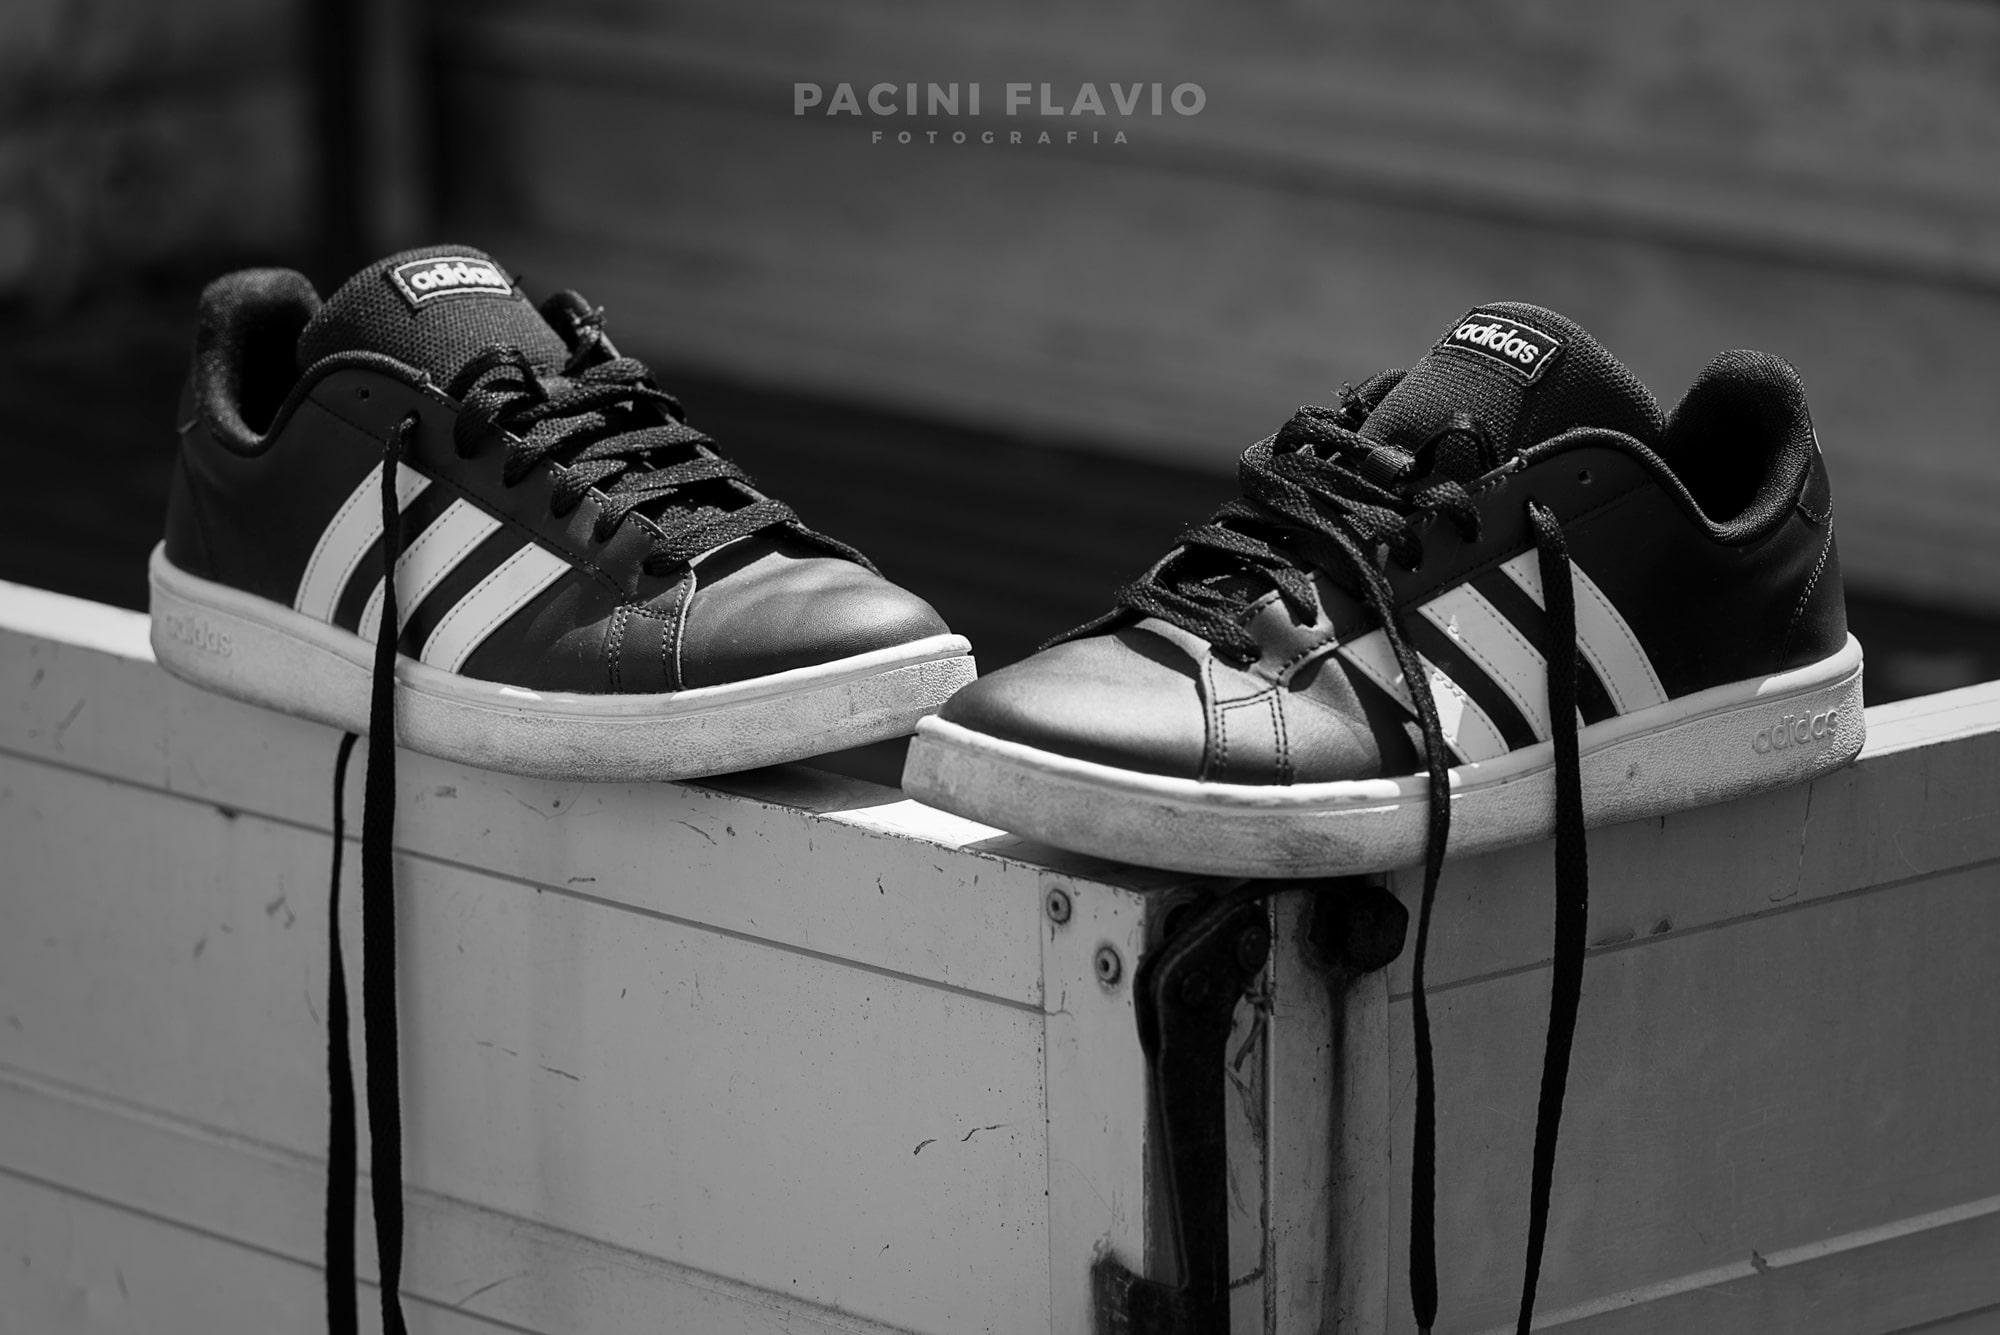 Le Adidas dopo la passeggiata